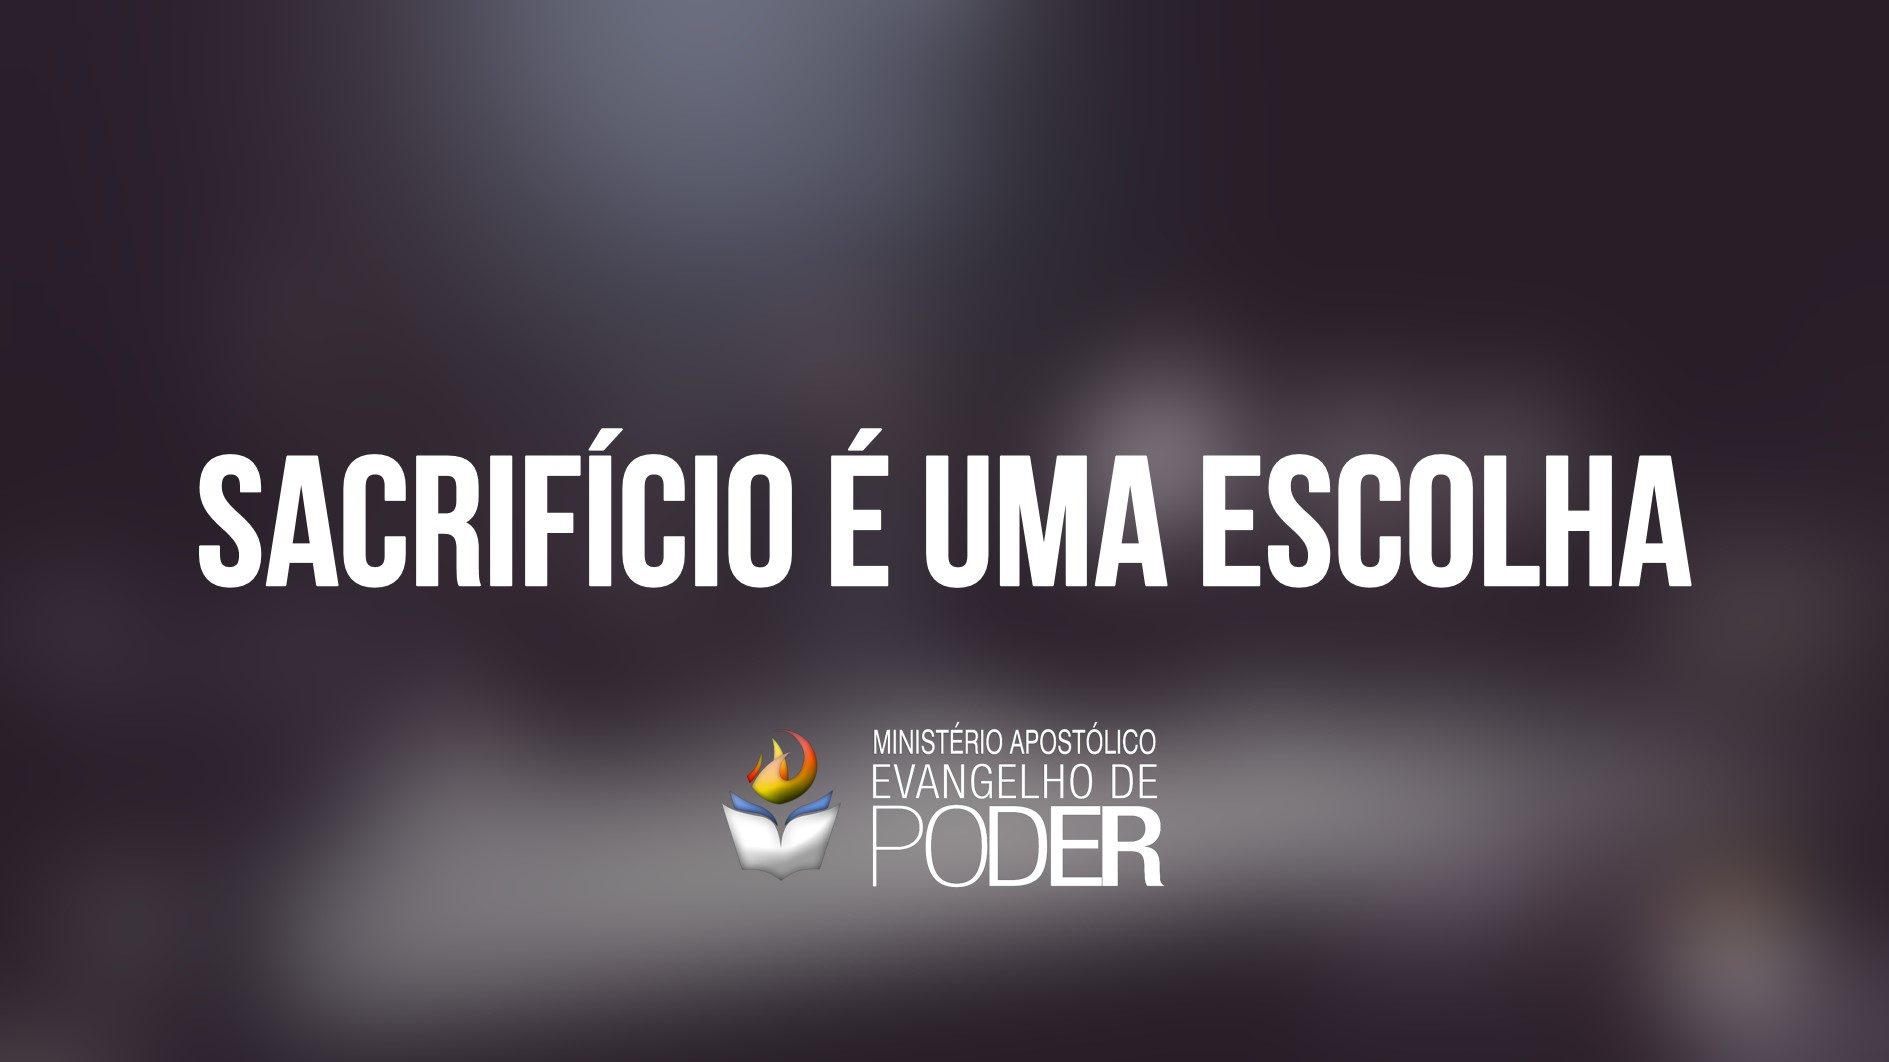 SACRIFÍCIO É UMA ESCOLHA